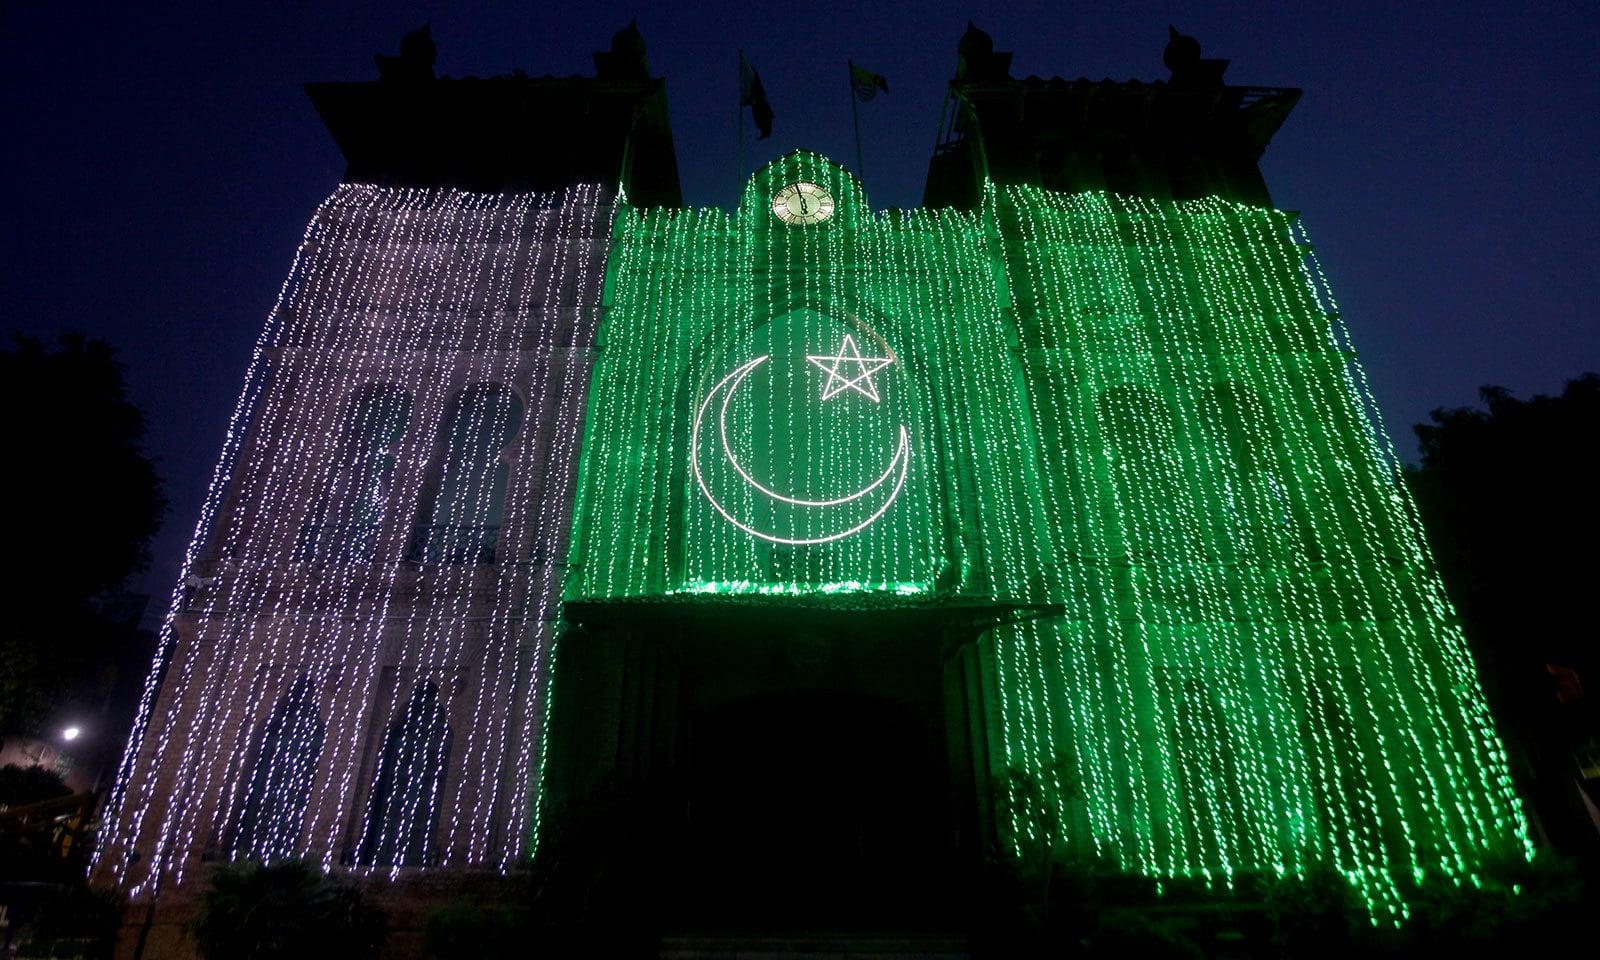 لاہور میں یوم آزادی کی مناسبت سے عمارتوں کو خوب صورتی سے سجایا گیا ہے—فوٹو:رائٹرز